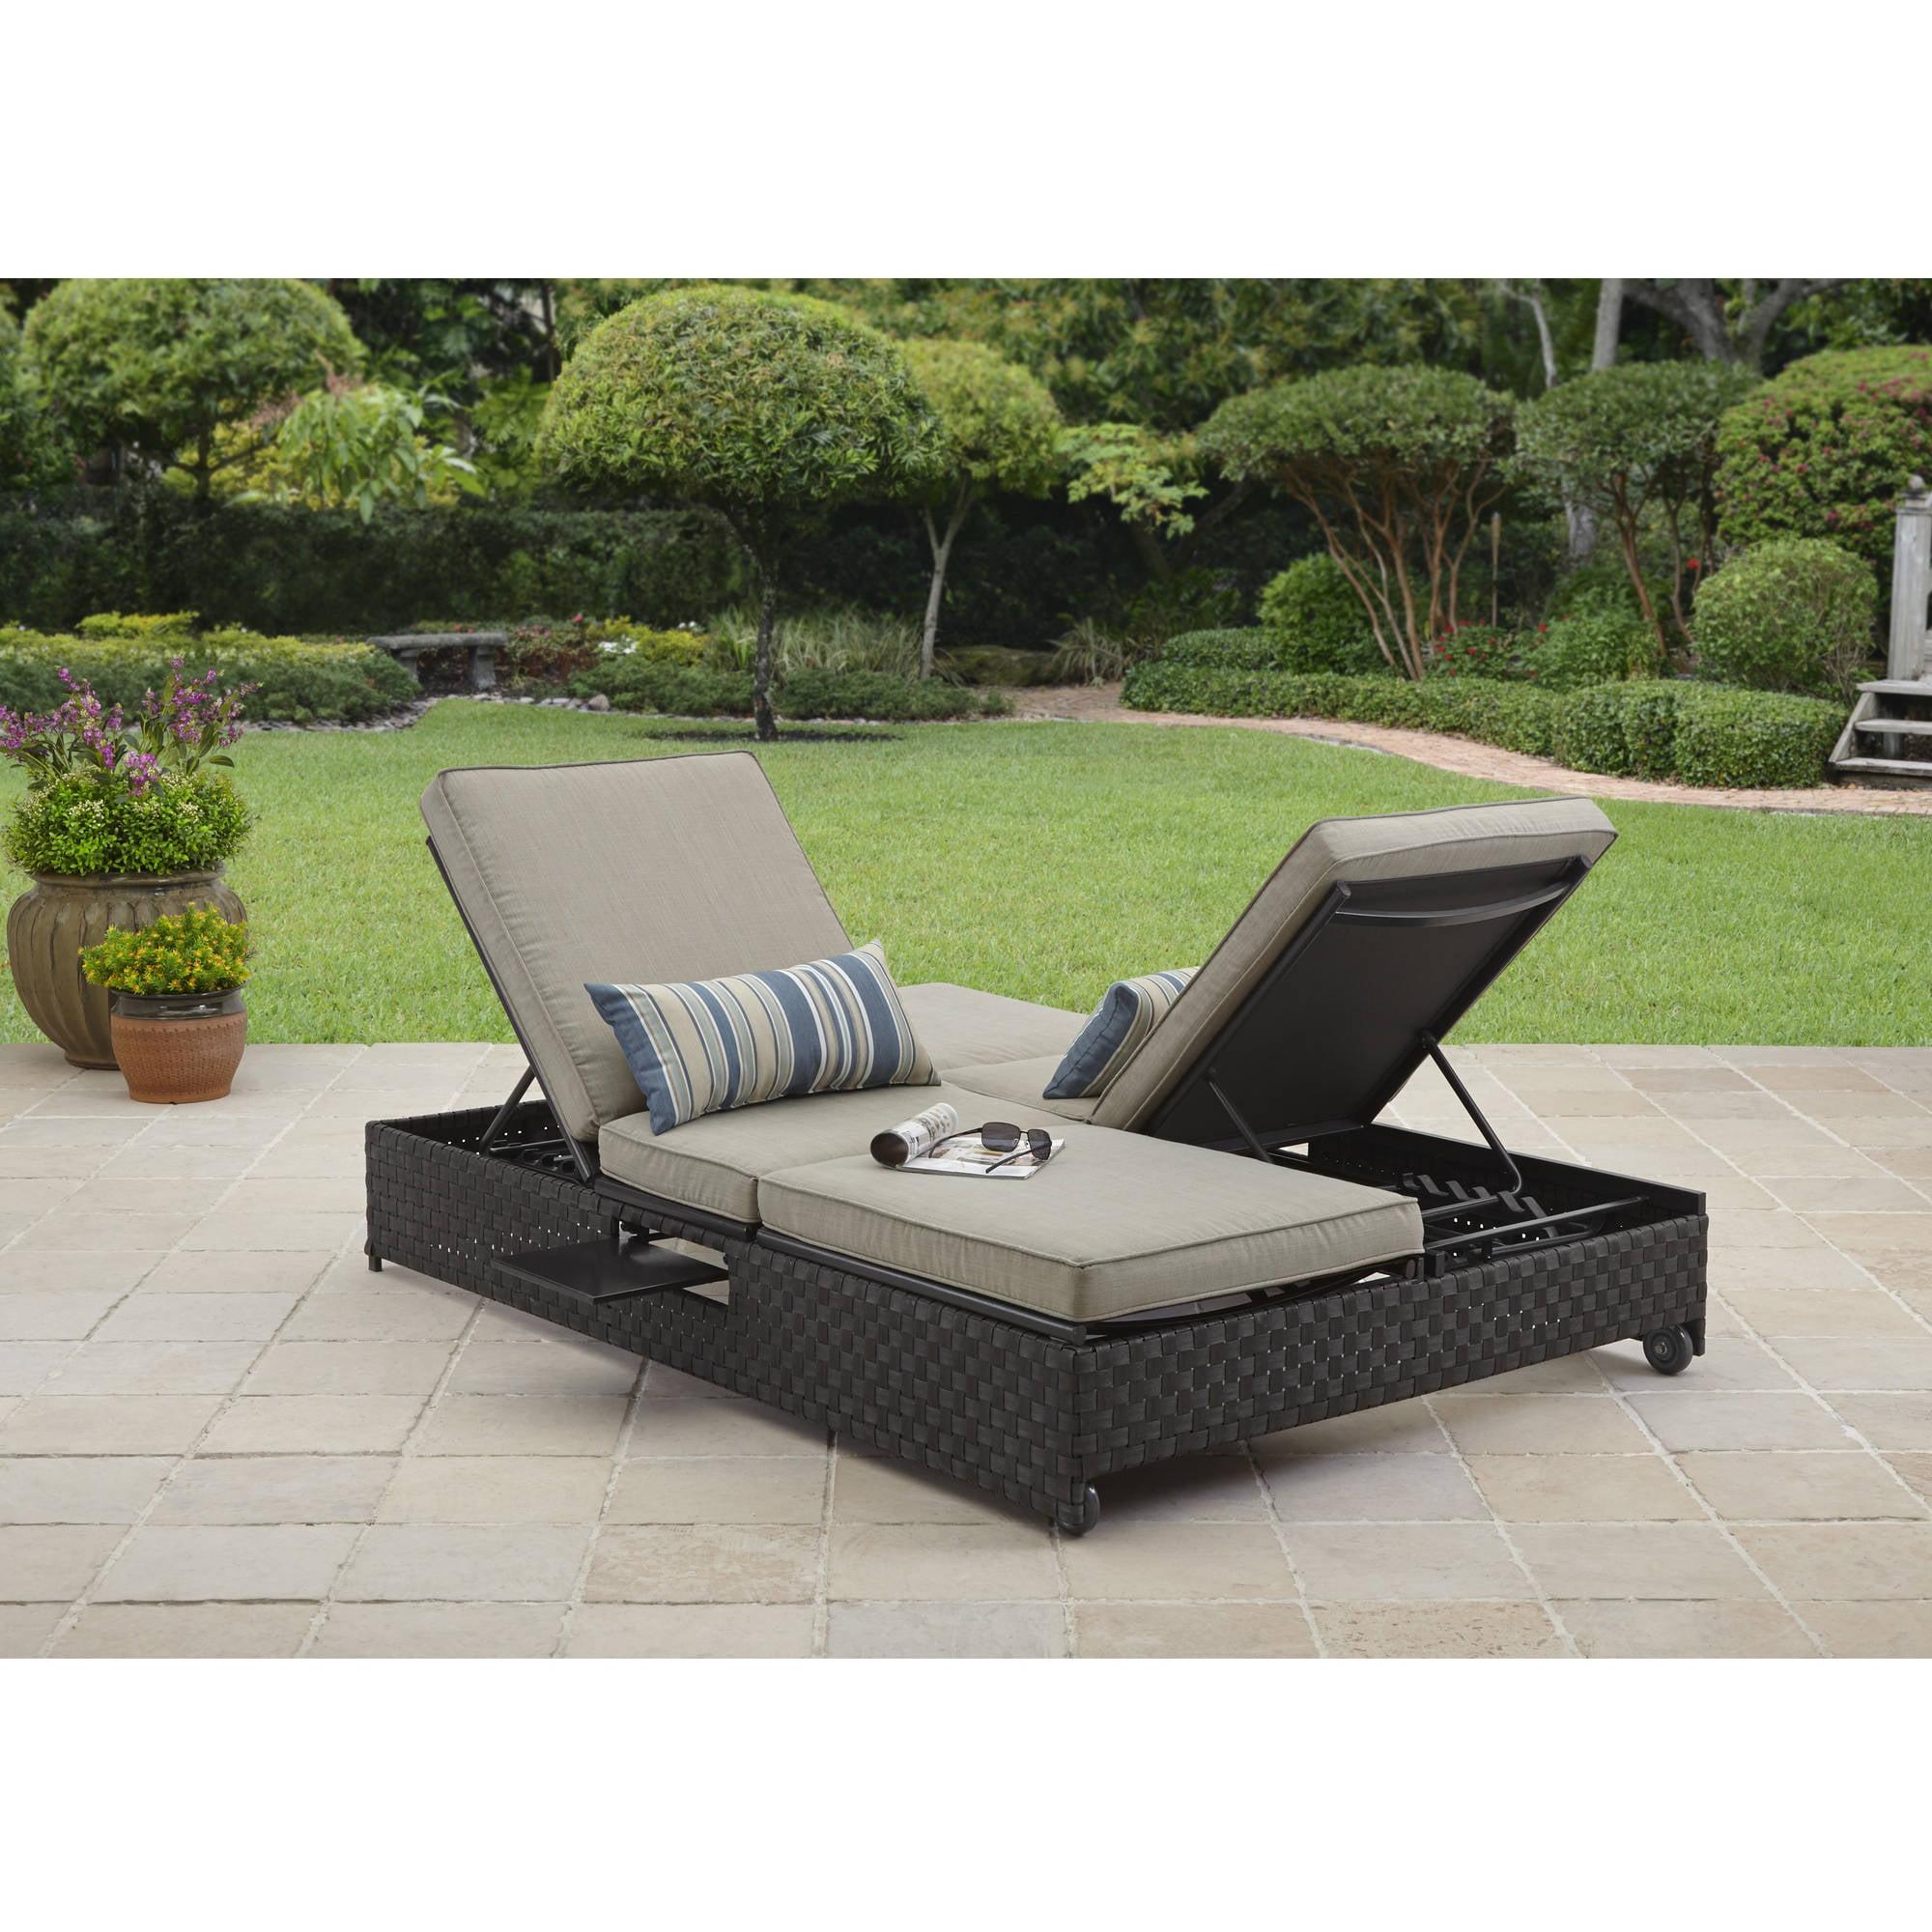 Better Homes & Gardens Avila Beach Double Lounger/Sofa